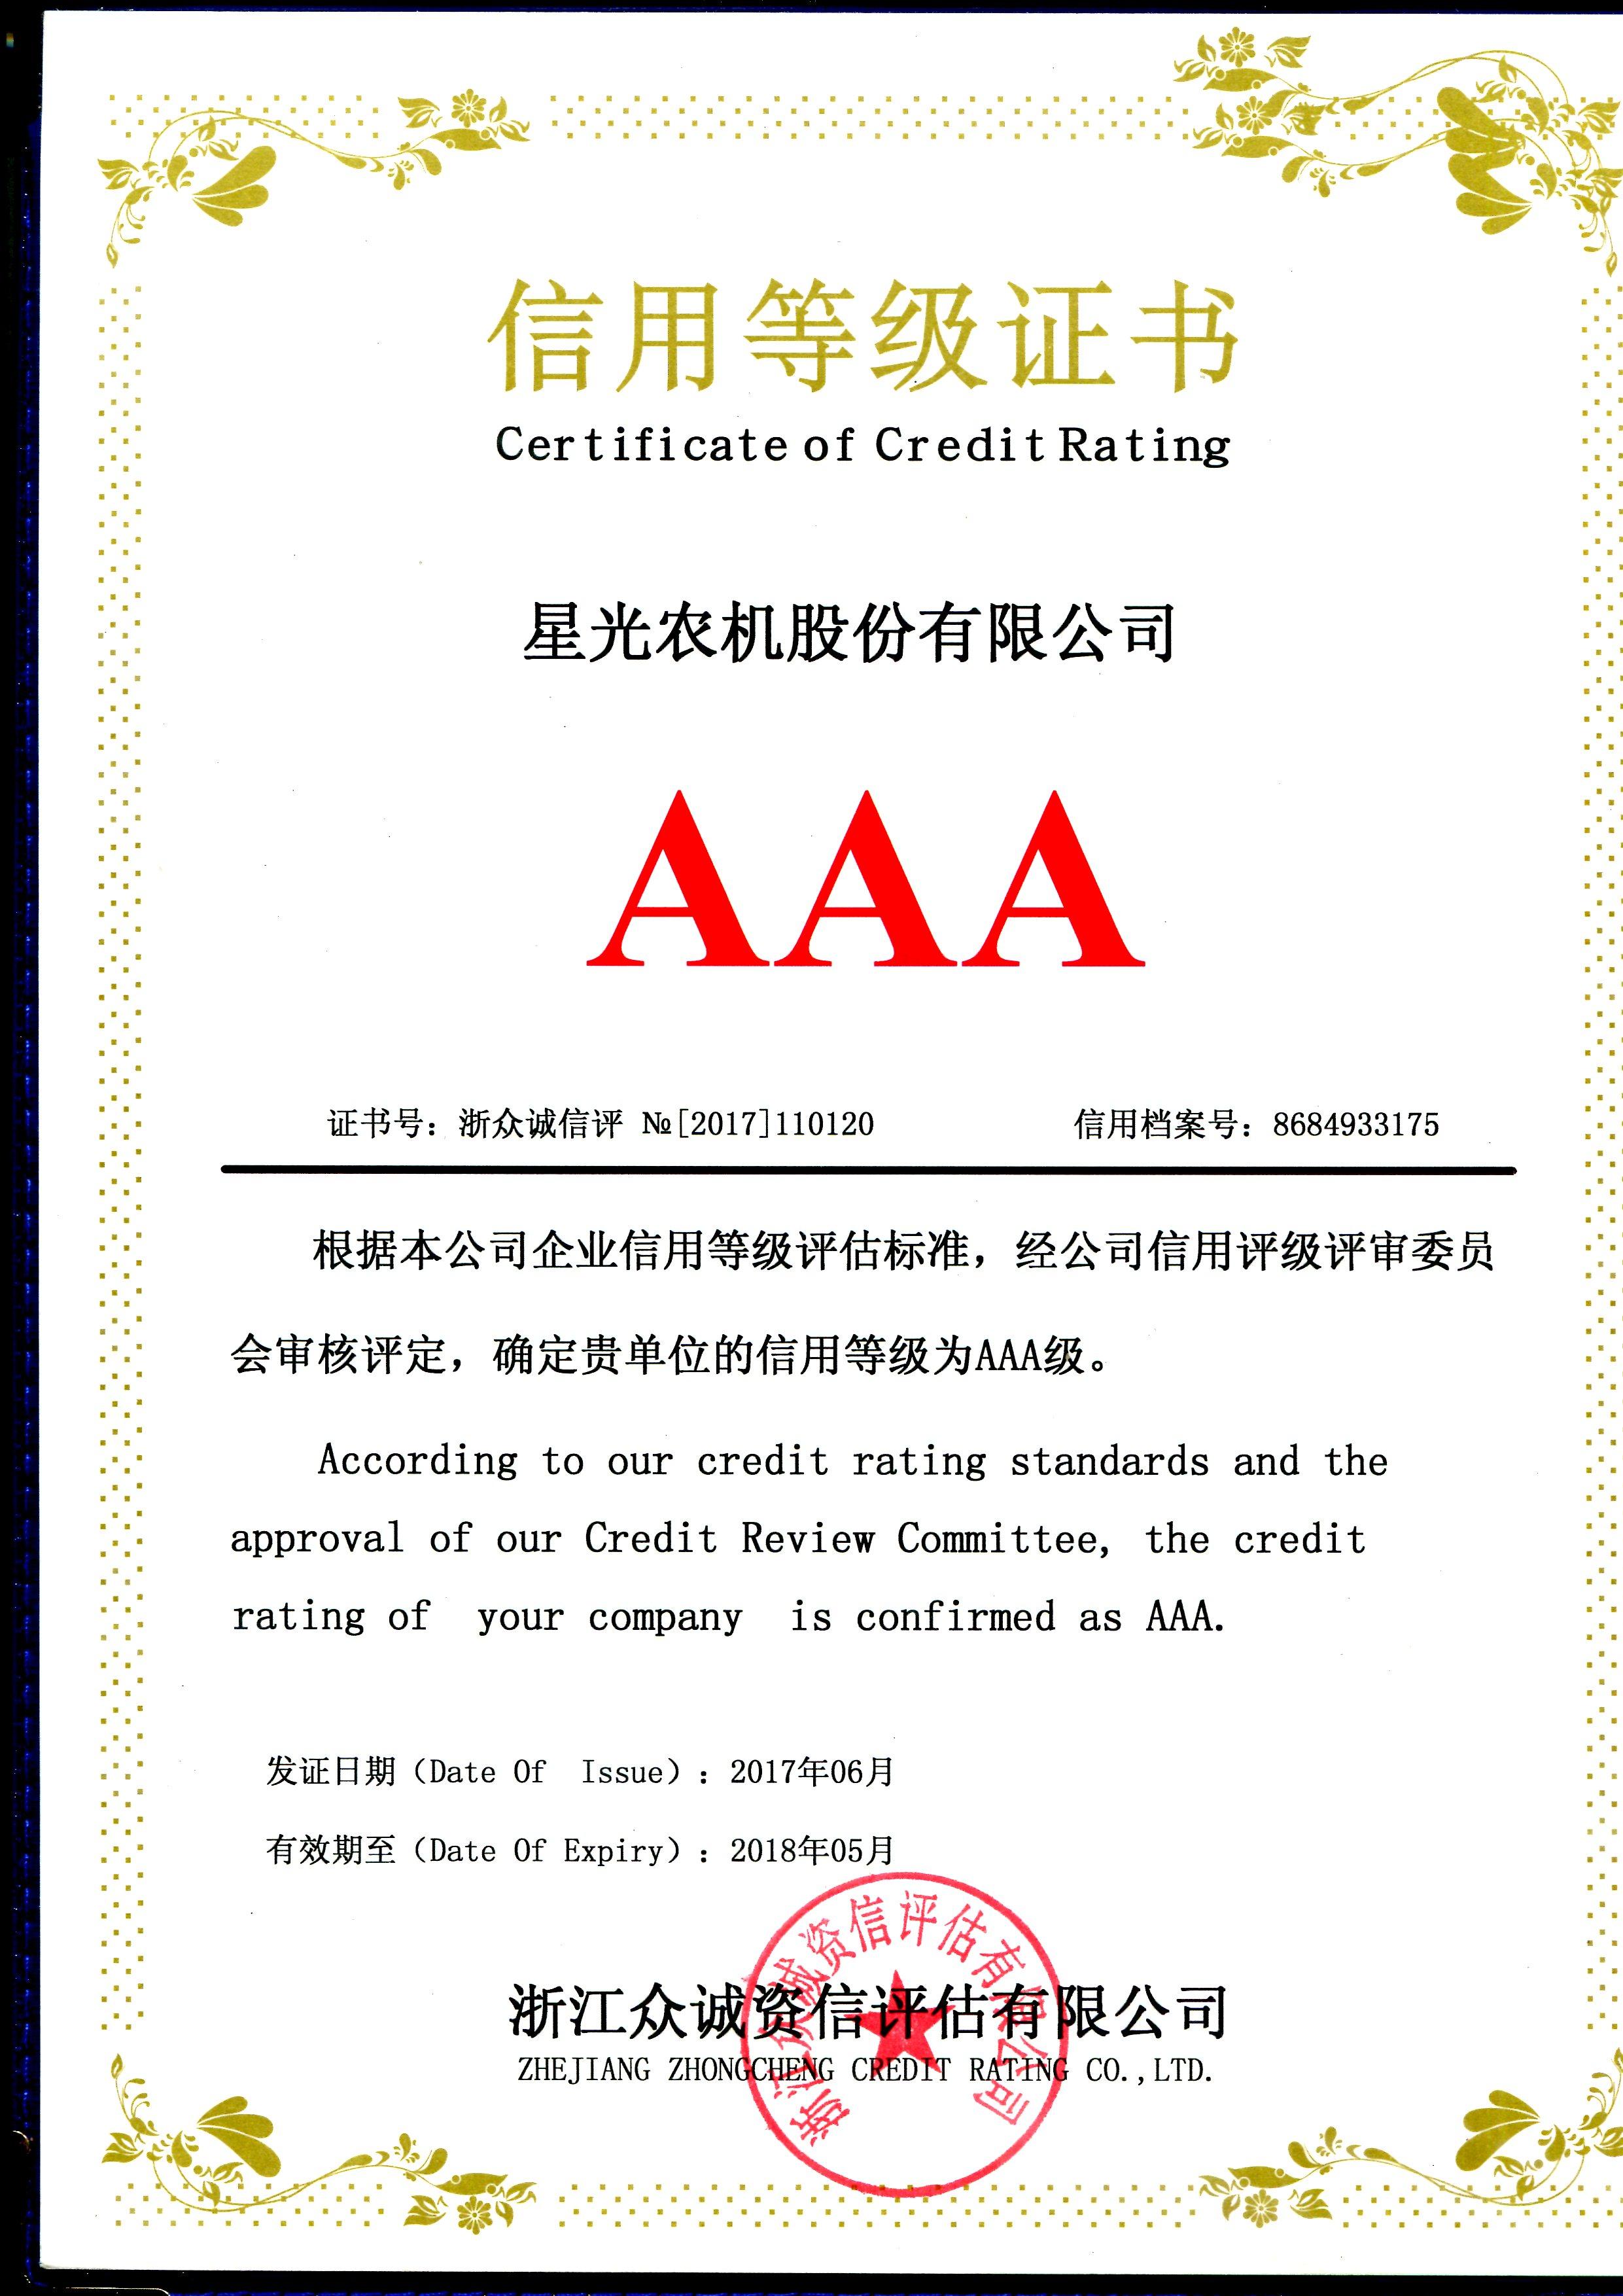 2017年AAA级信用证书